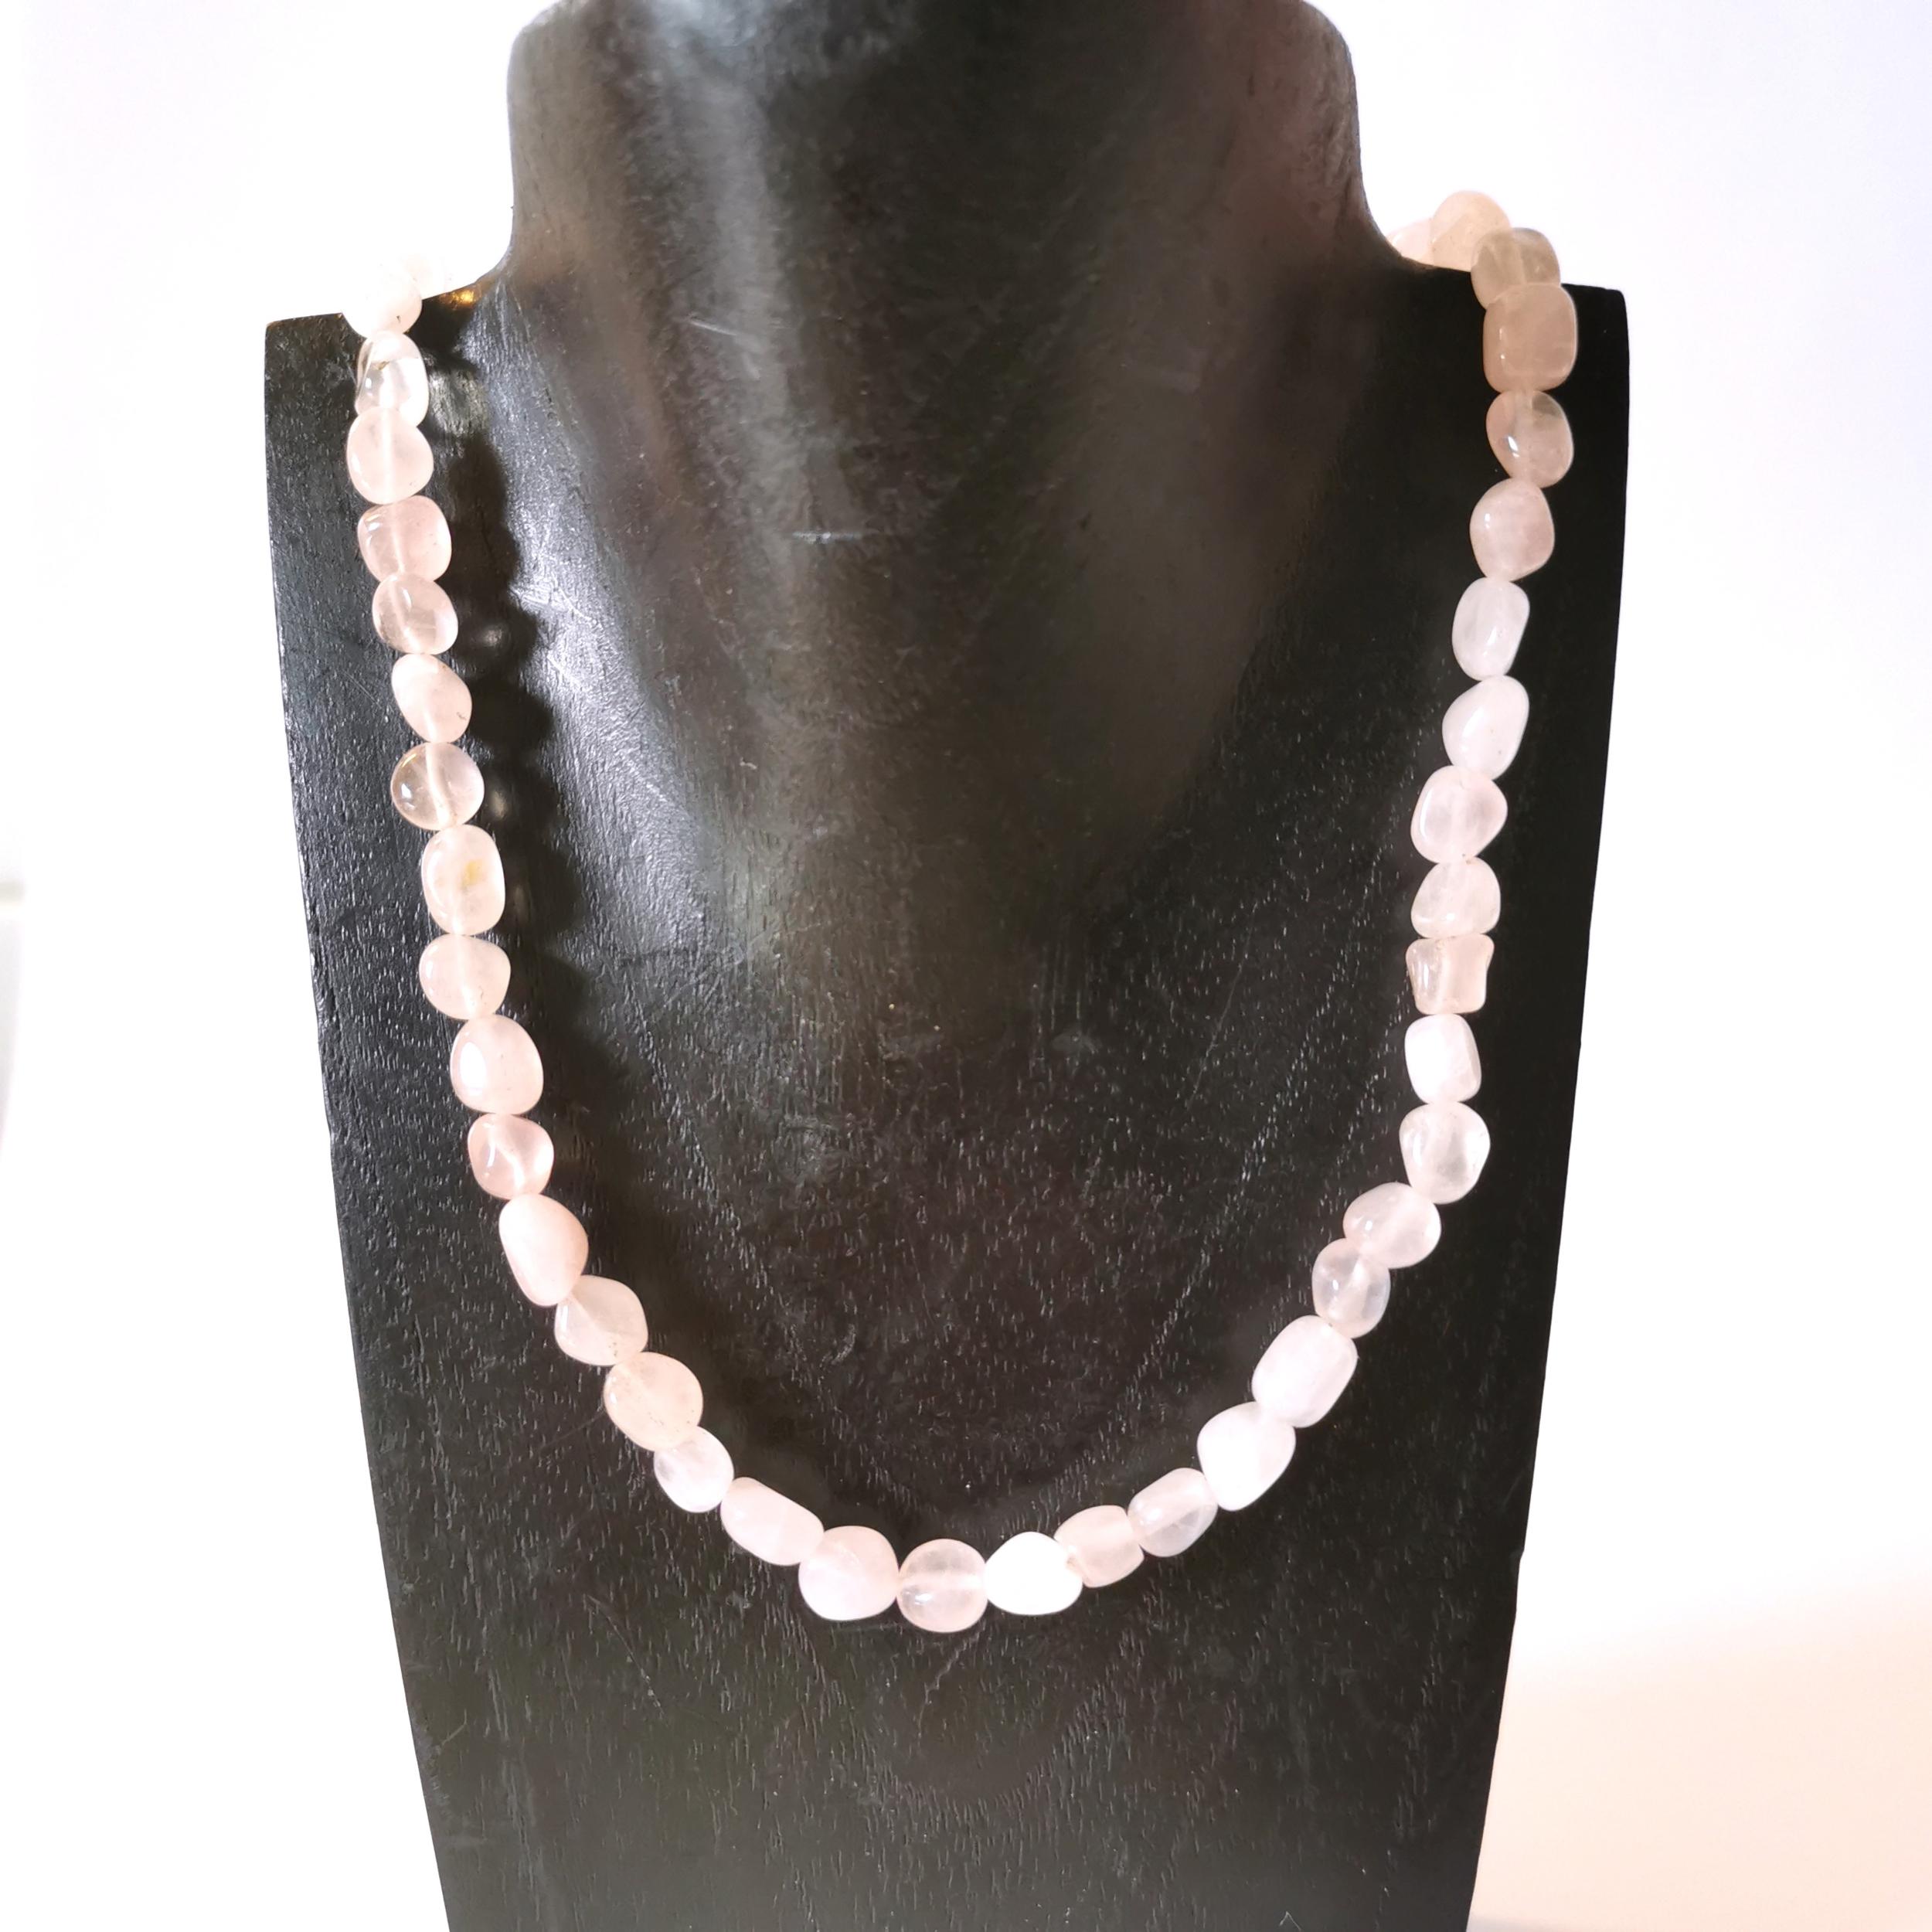 Collier Quartz rose en pierre naturelle perle de forme libre montage acier